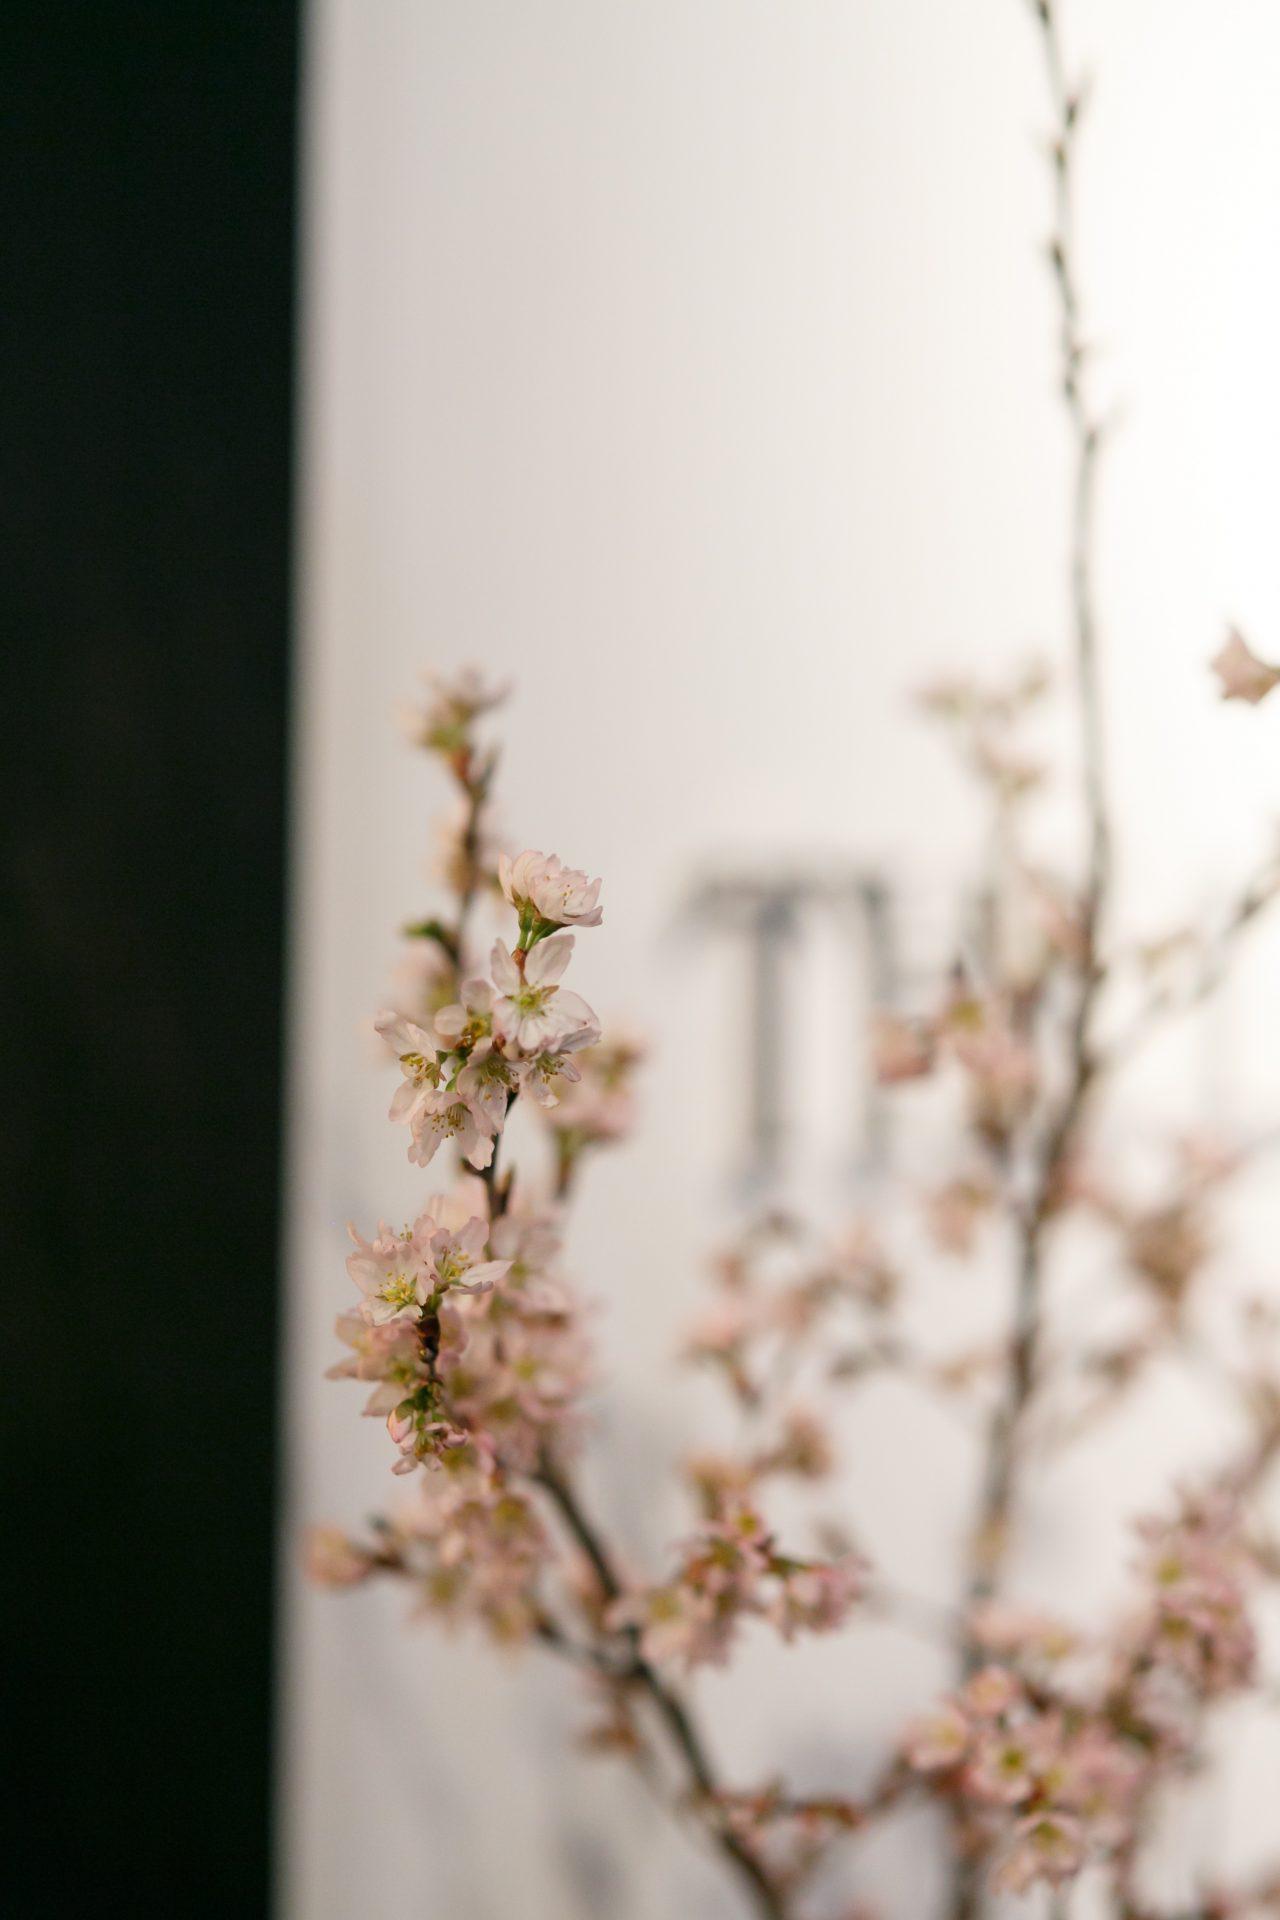 春分の日に相応しい桜をふんだんに使用したウェルカムスペース